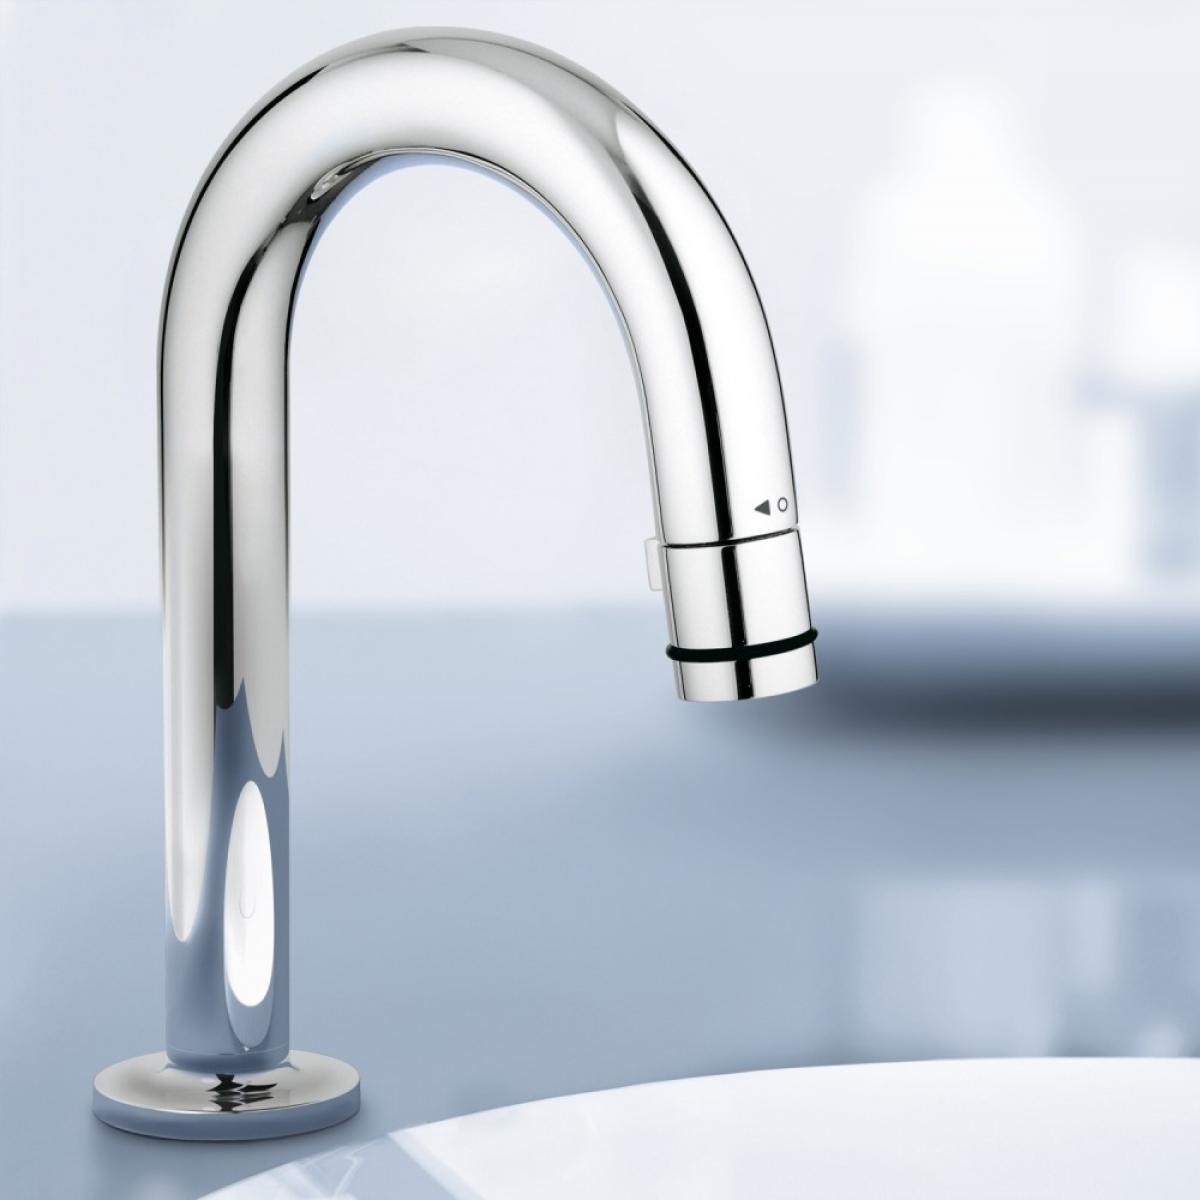 robinet lave mains universel grohe induscabel salle de bains chauffage et cuisine. Black Bedroom Furniture Sets. Home Design Ideas